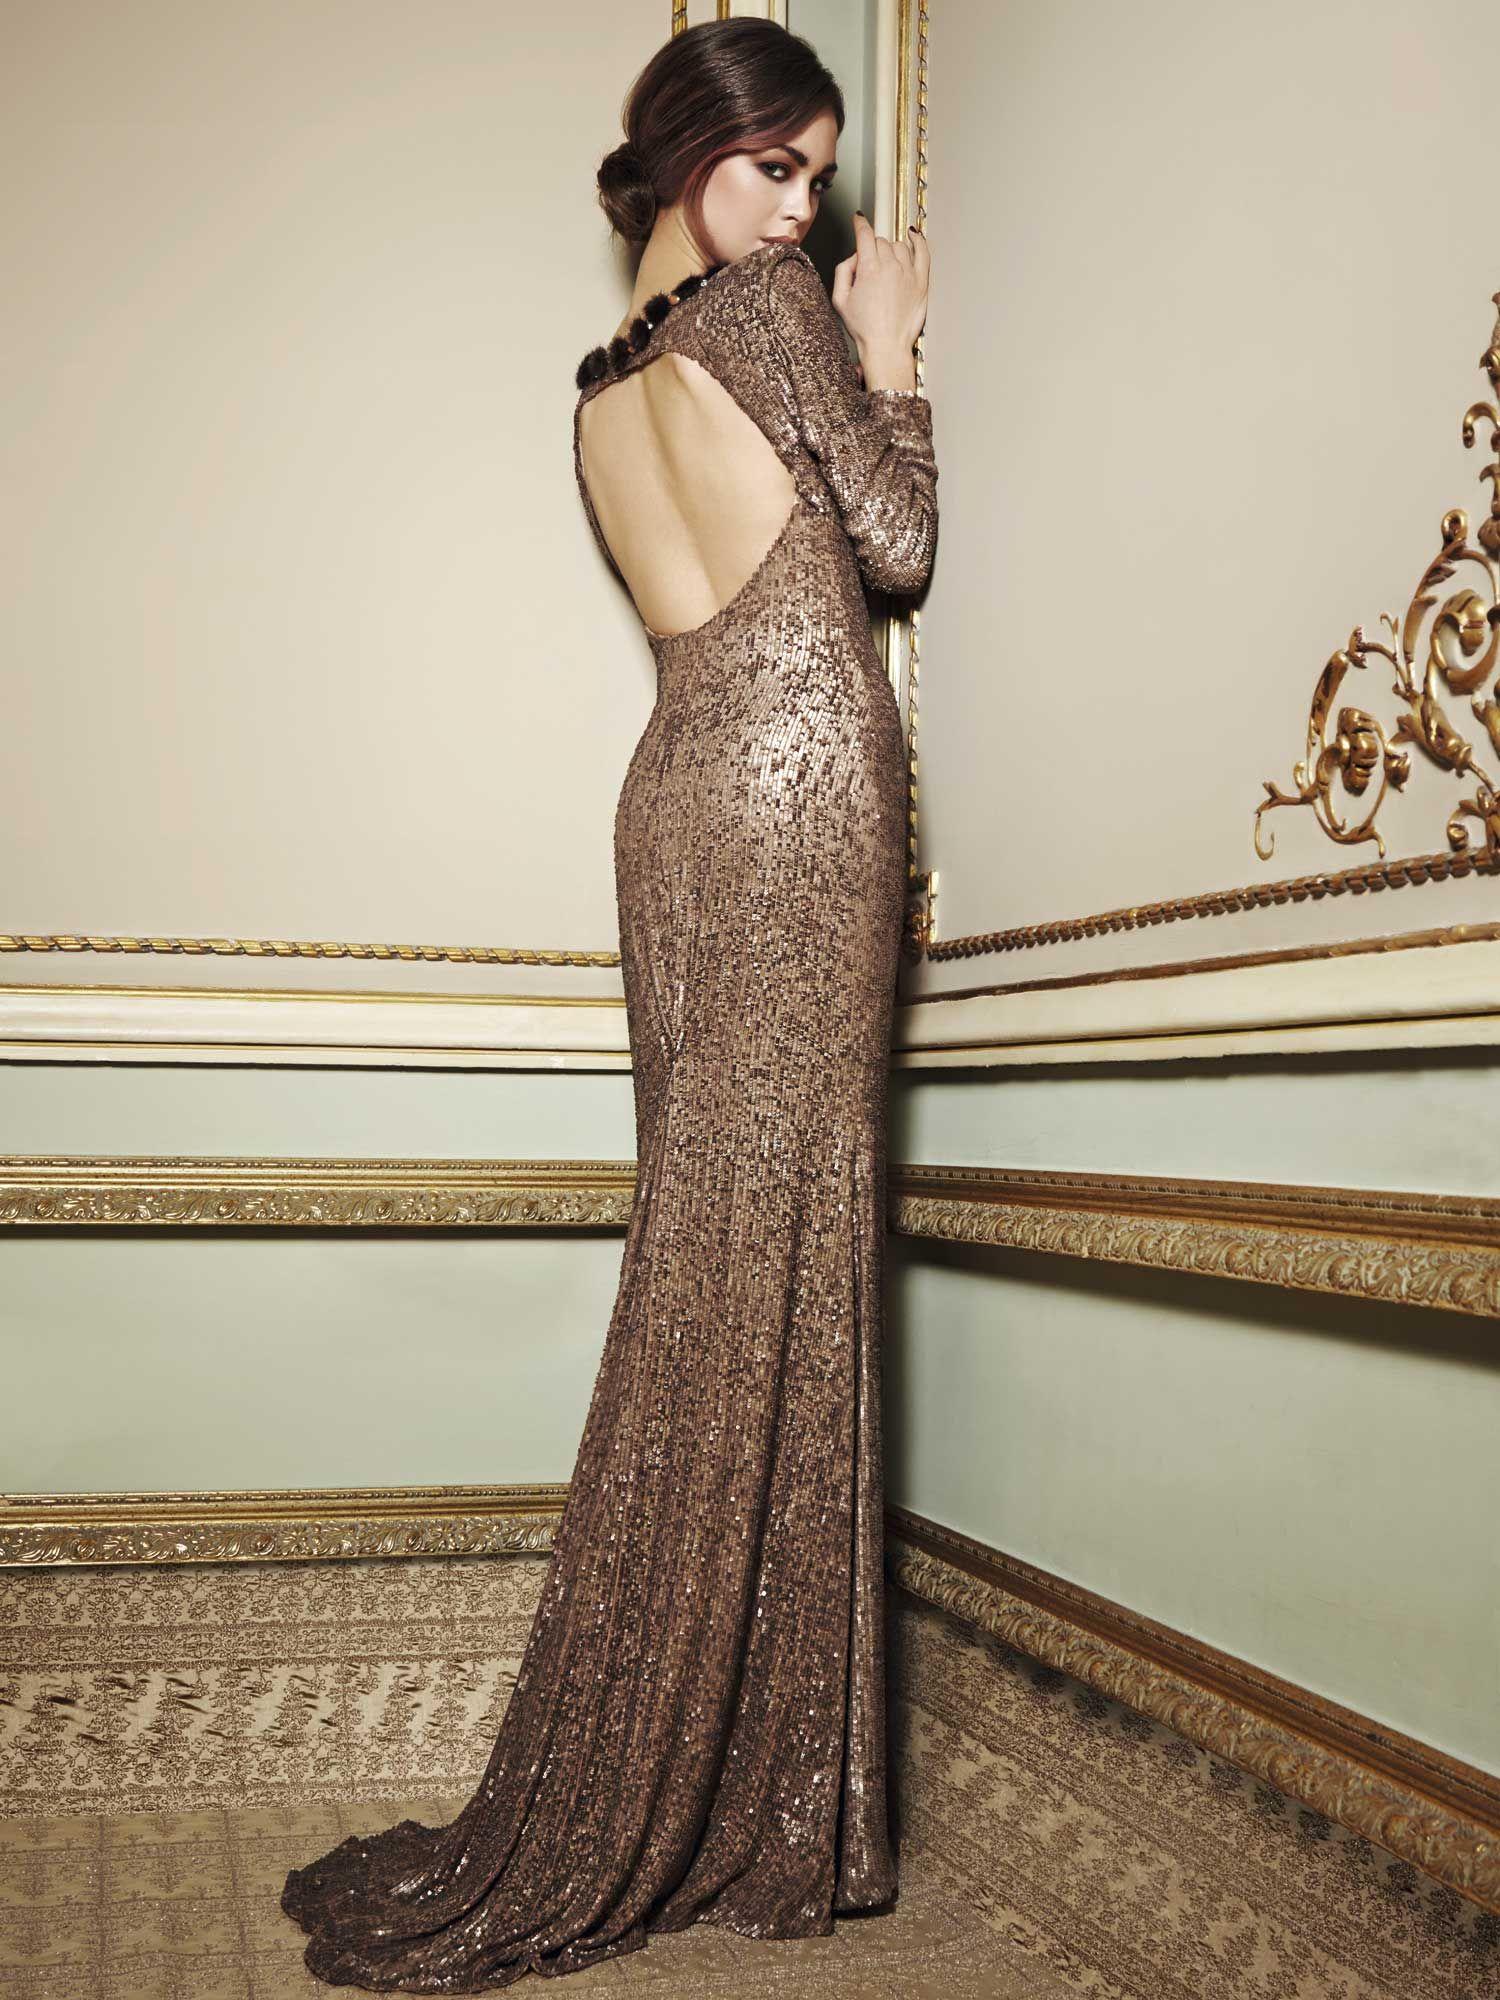 Vistoso Viejos Vestidos De Dama De Glamour De Hollywood Imágenes ...